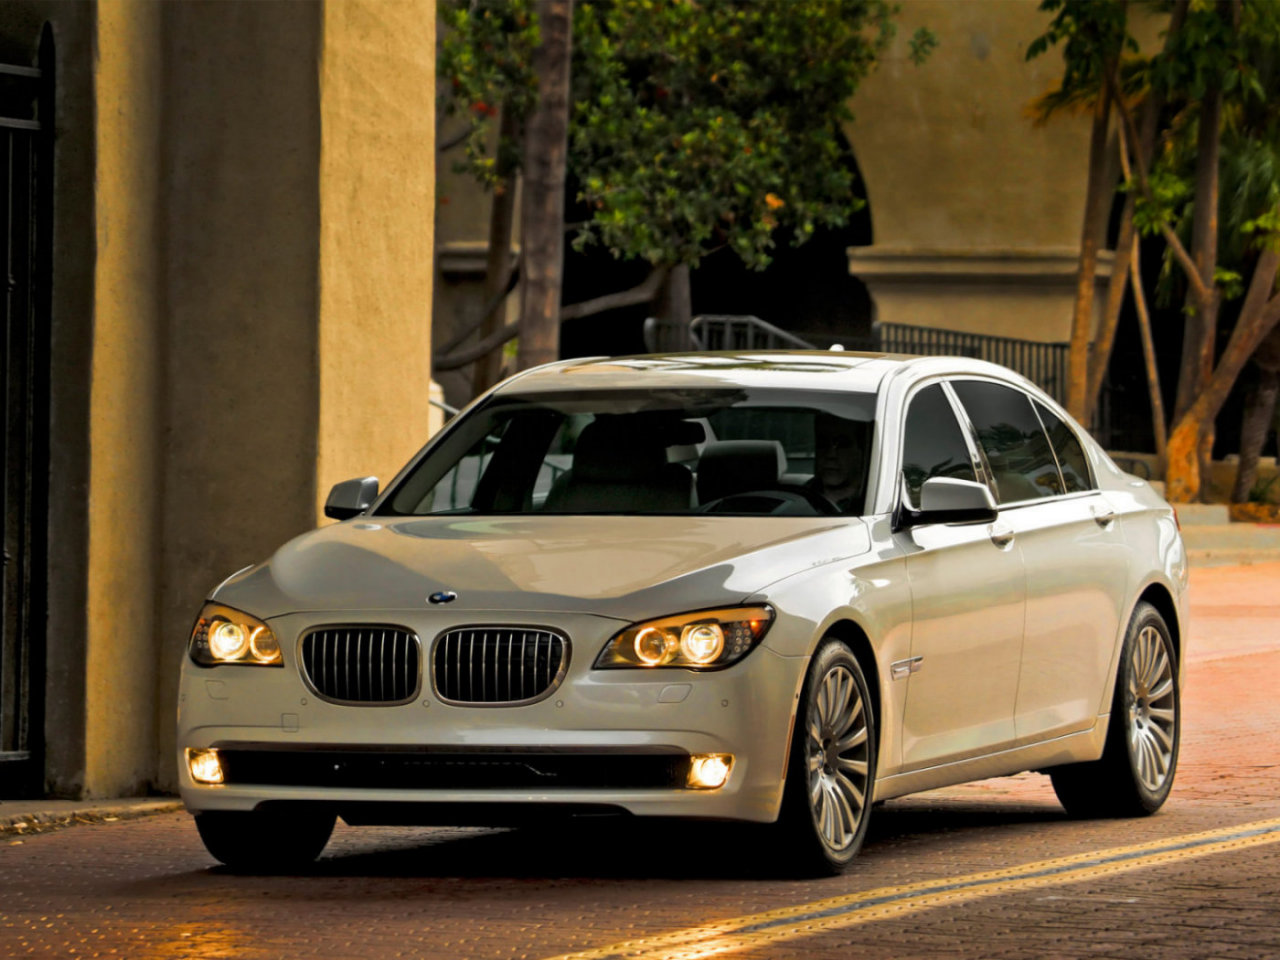 BMW_7 Series Long_Sedan_2008